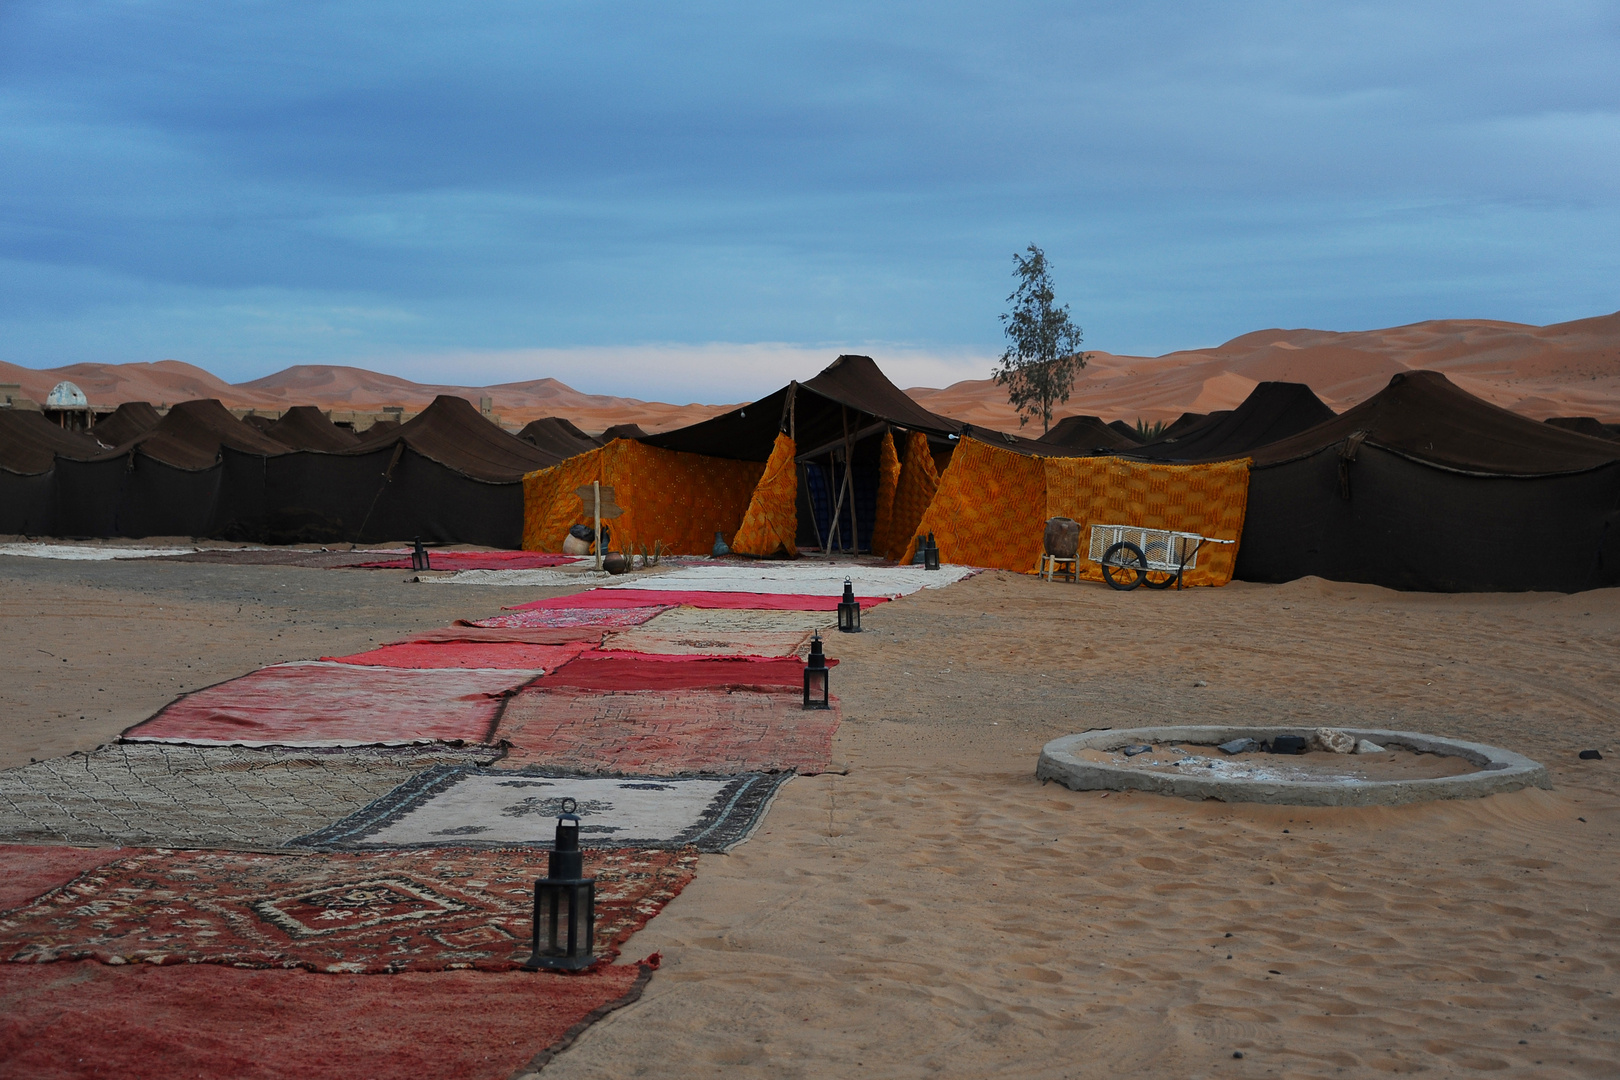 Hotelstadt in der Wüste